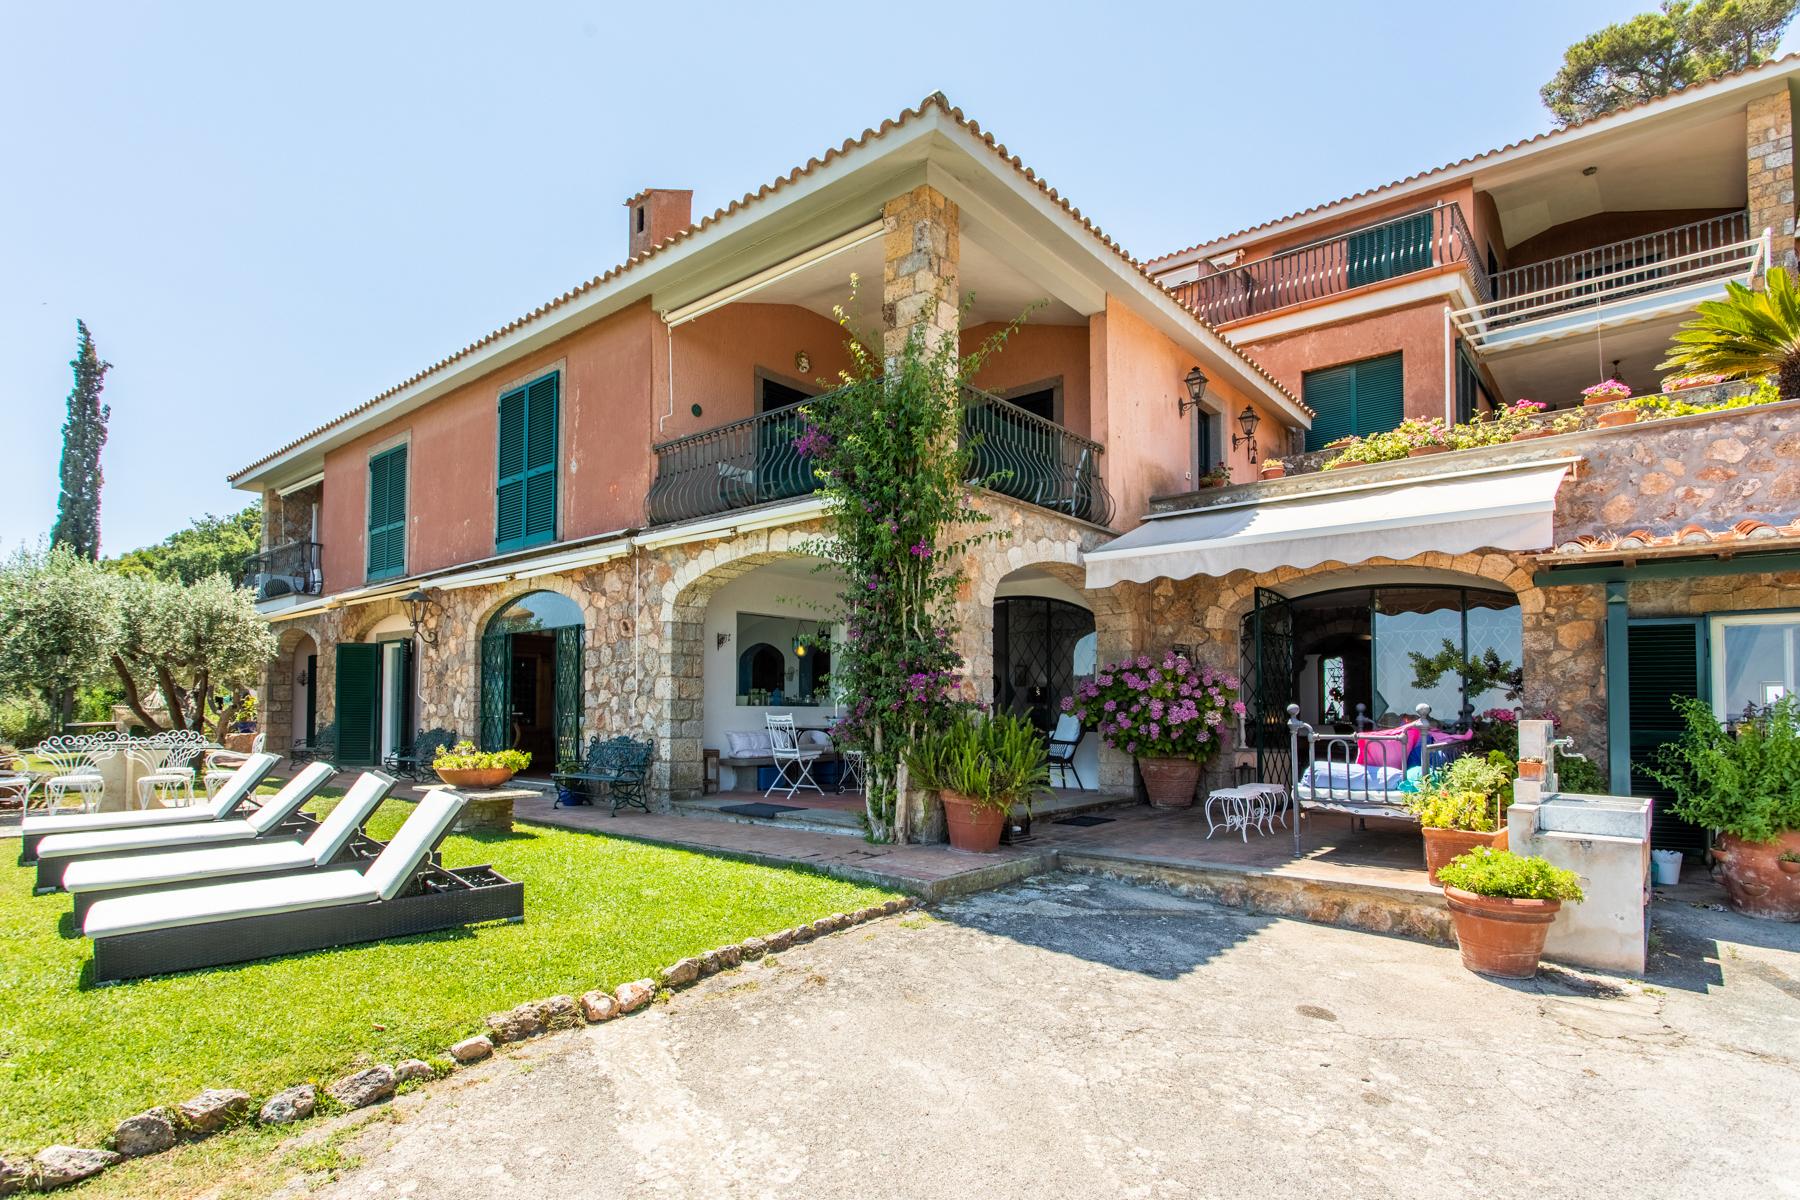 Appartamento in Vendita a Monte Argentario: 5 locali, 250 mq - Foto 1